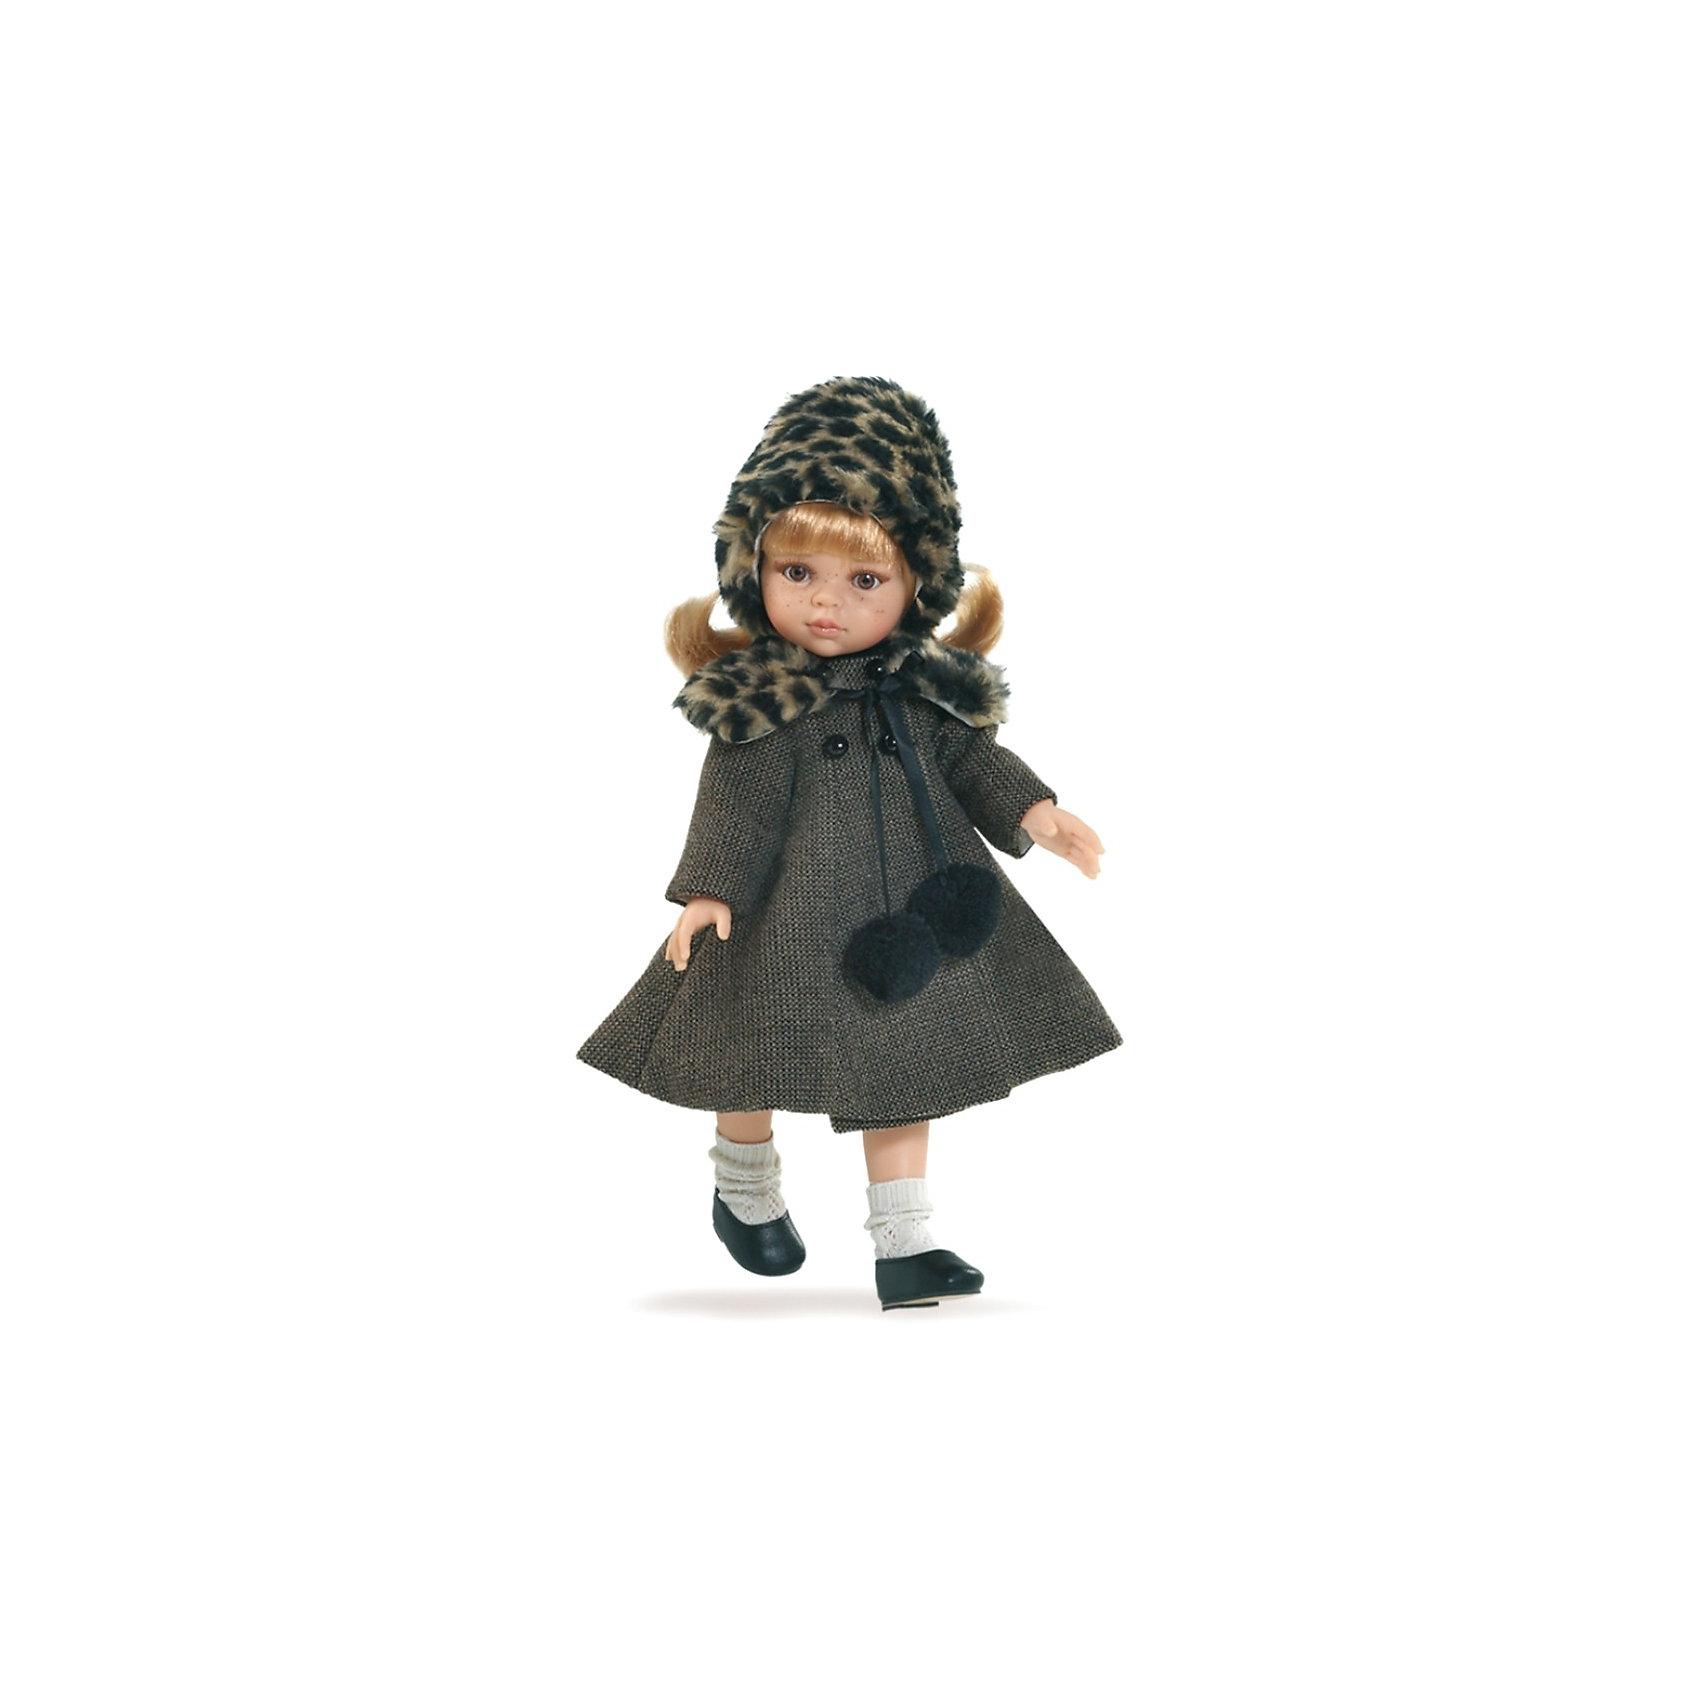 Paola Reina Кукла Даша, 32см, Paola Reina кукла пупс без одежды девочка европейка 22см paola reina